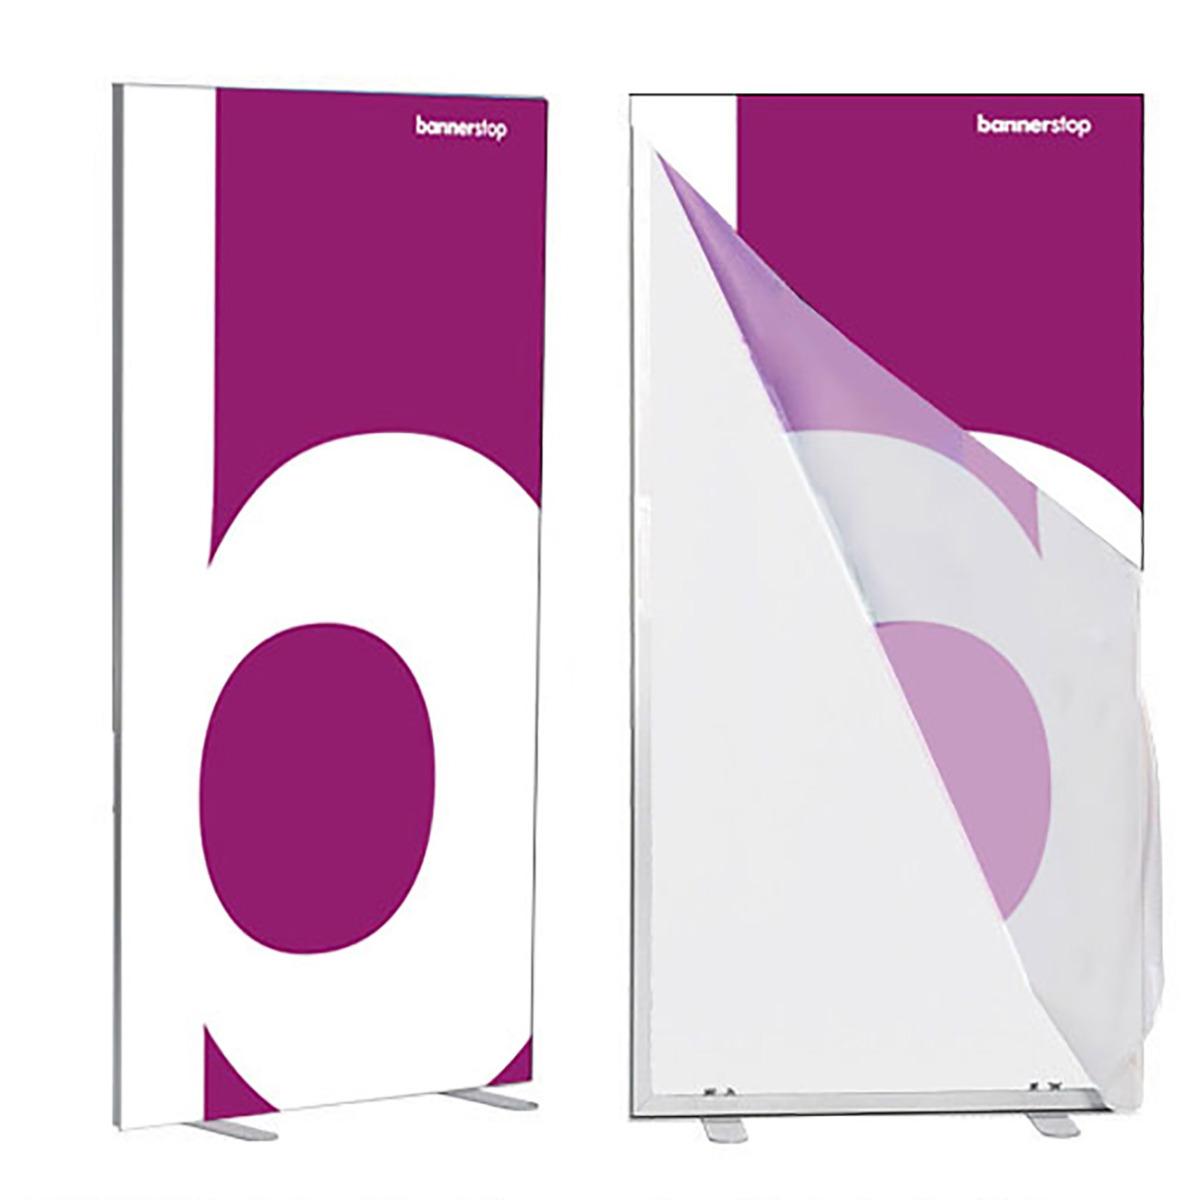 Textilspannrahmen stehend für Werbepräsentation